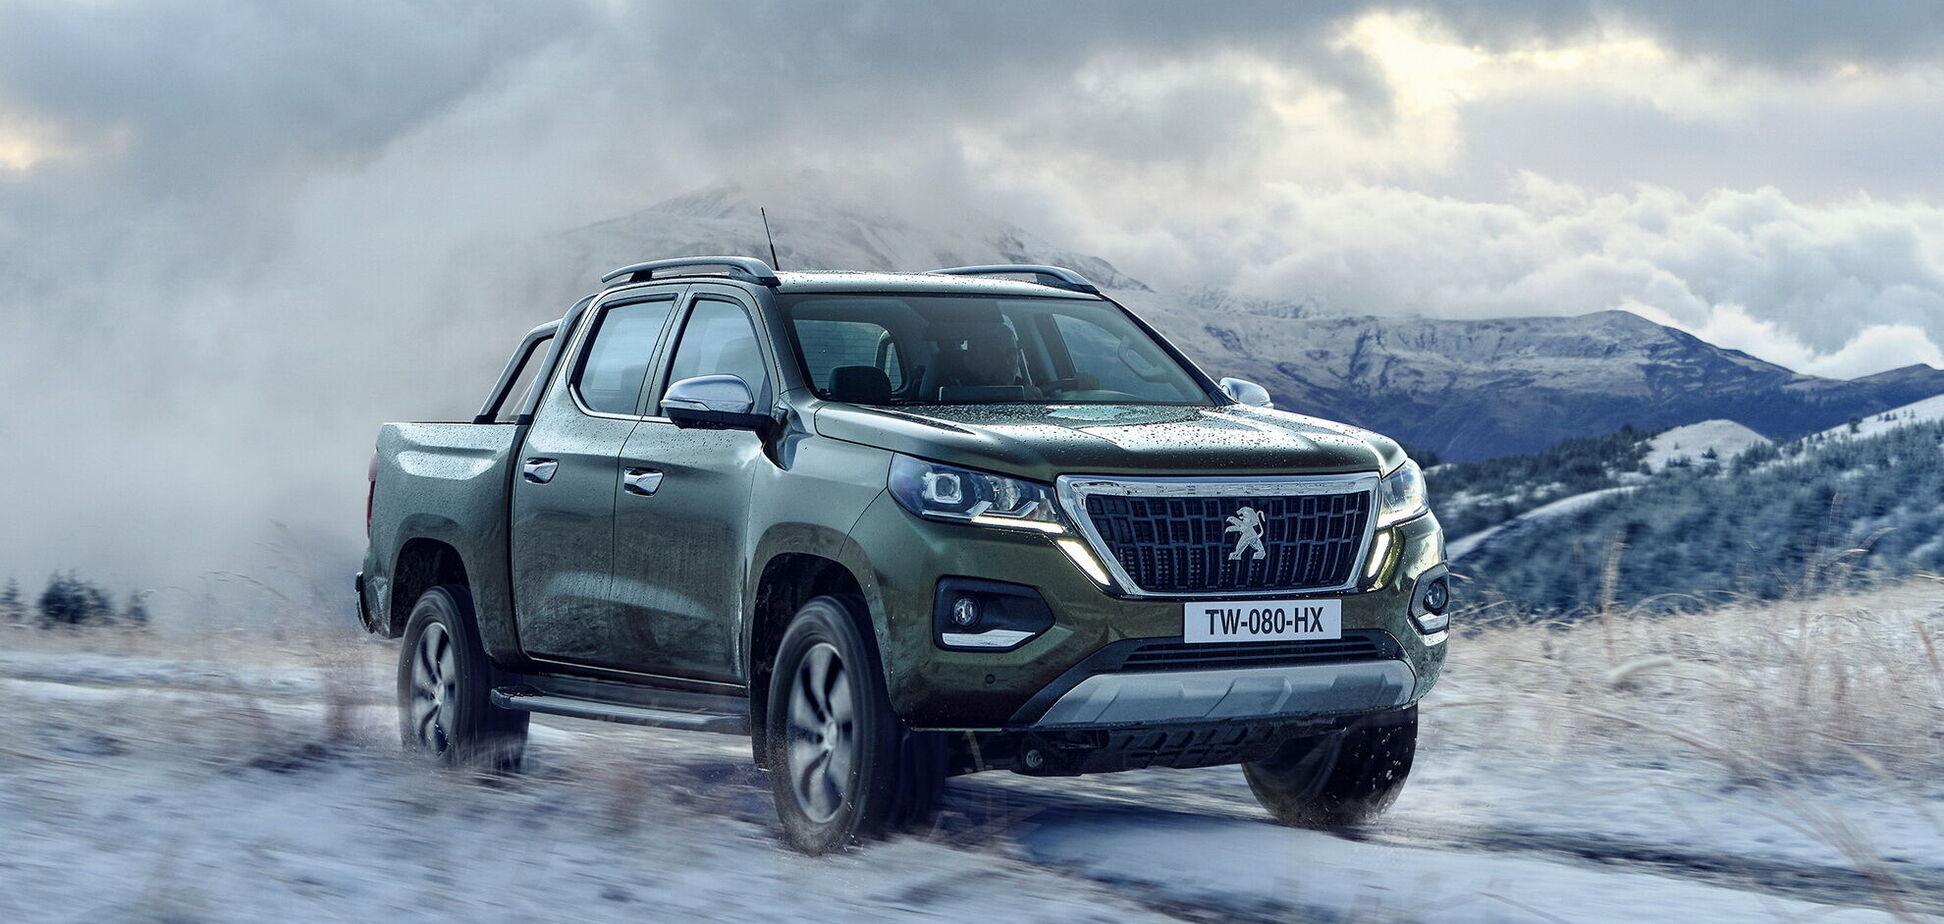 Peugeot возвращается на рынок пикапов с новинкой Landtrek